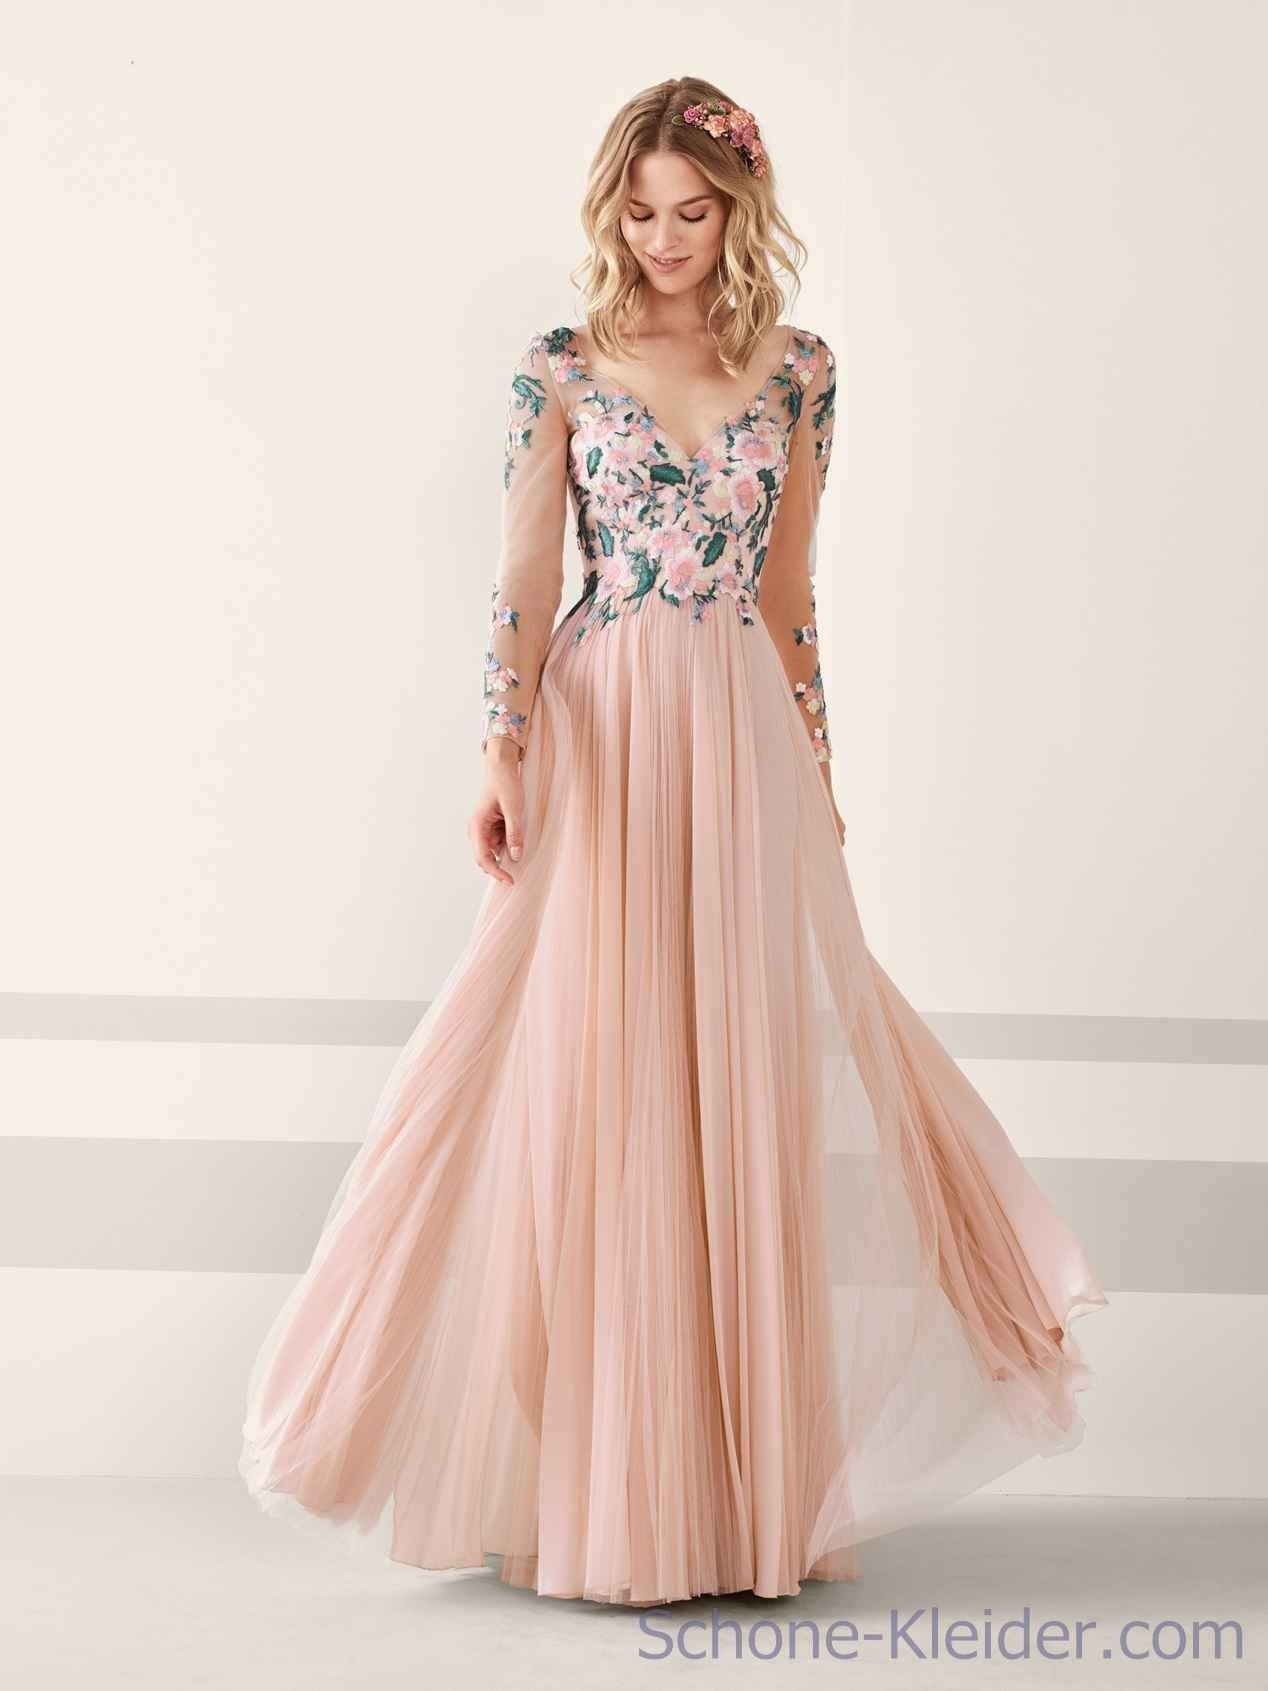 17 Ausgezeichnet Abendkleid Junge Mode Spezialgebiet20 Ausgezeichnet Abendkleid Junge Mode Design